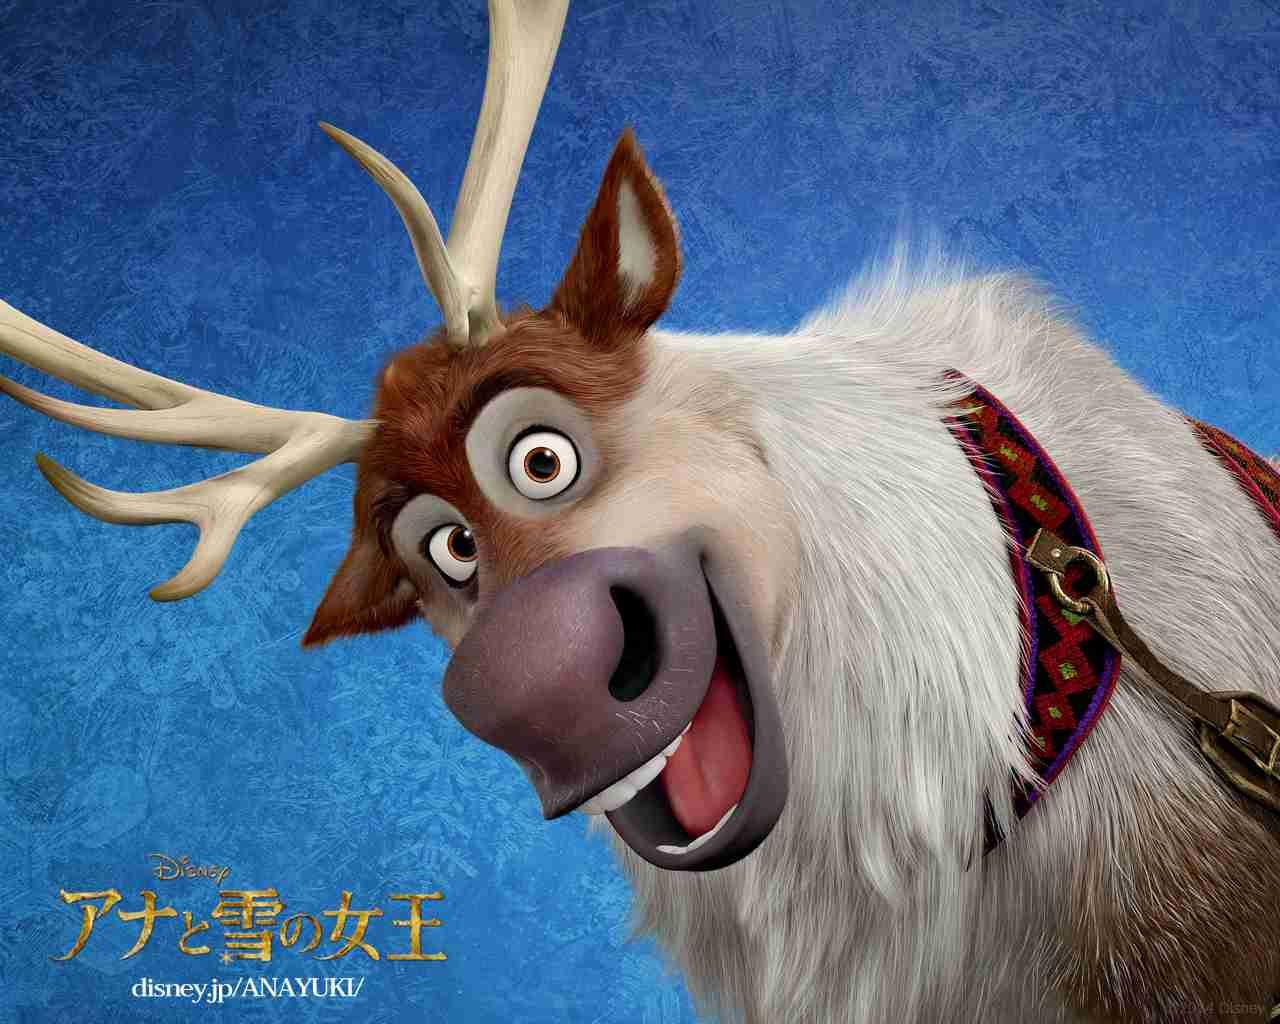 ディズニー映画の好きな動物キャラ【野獣も含めます!】